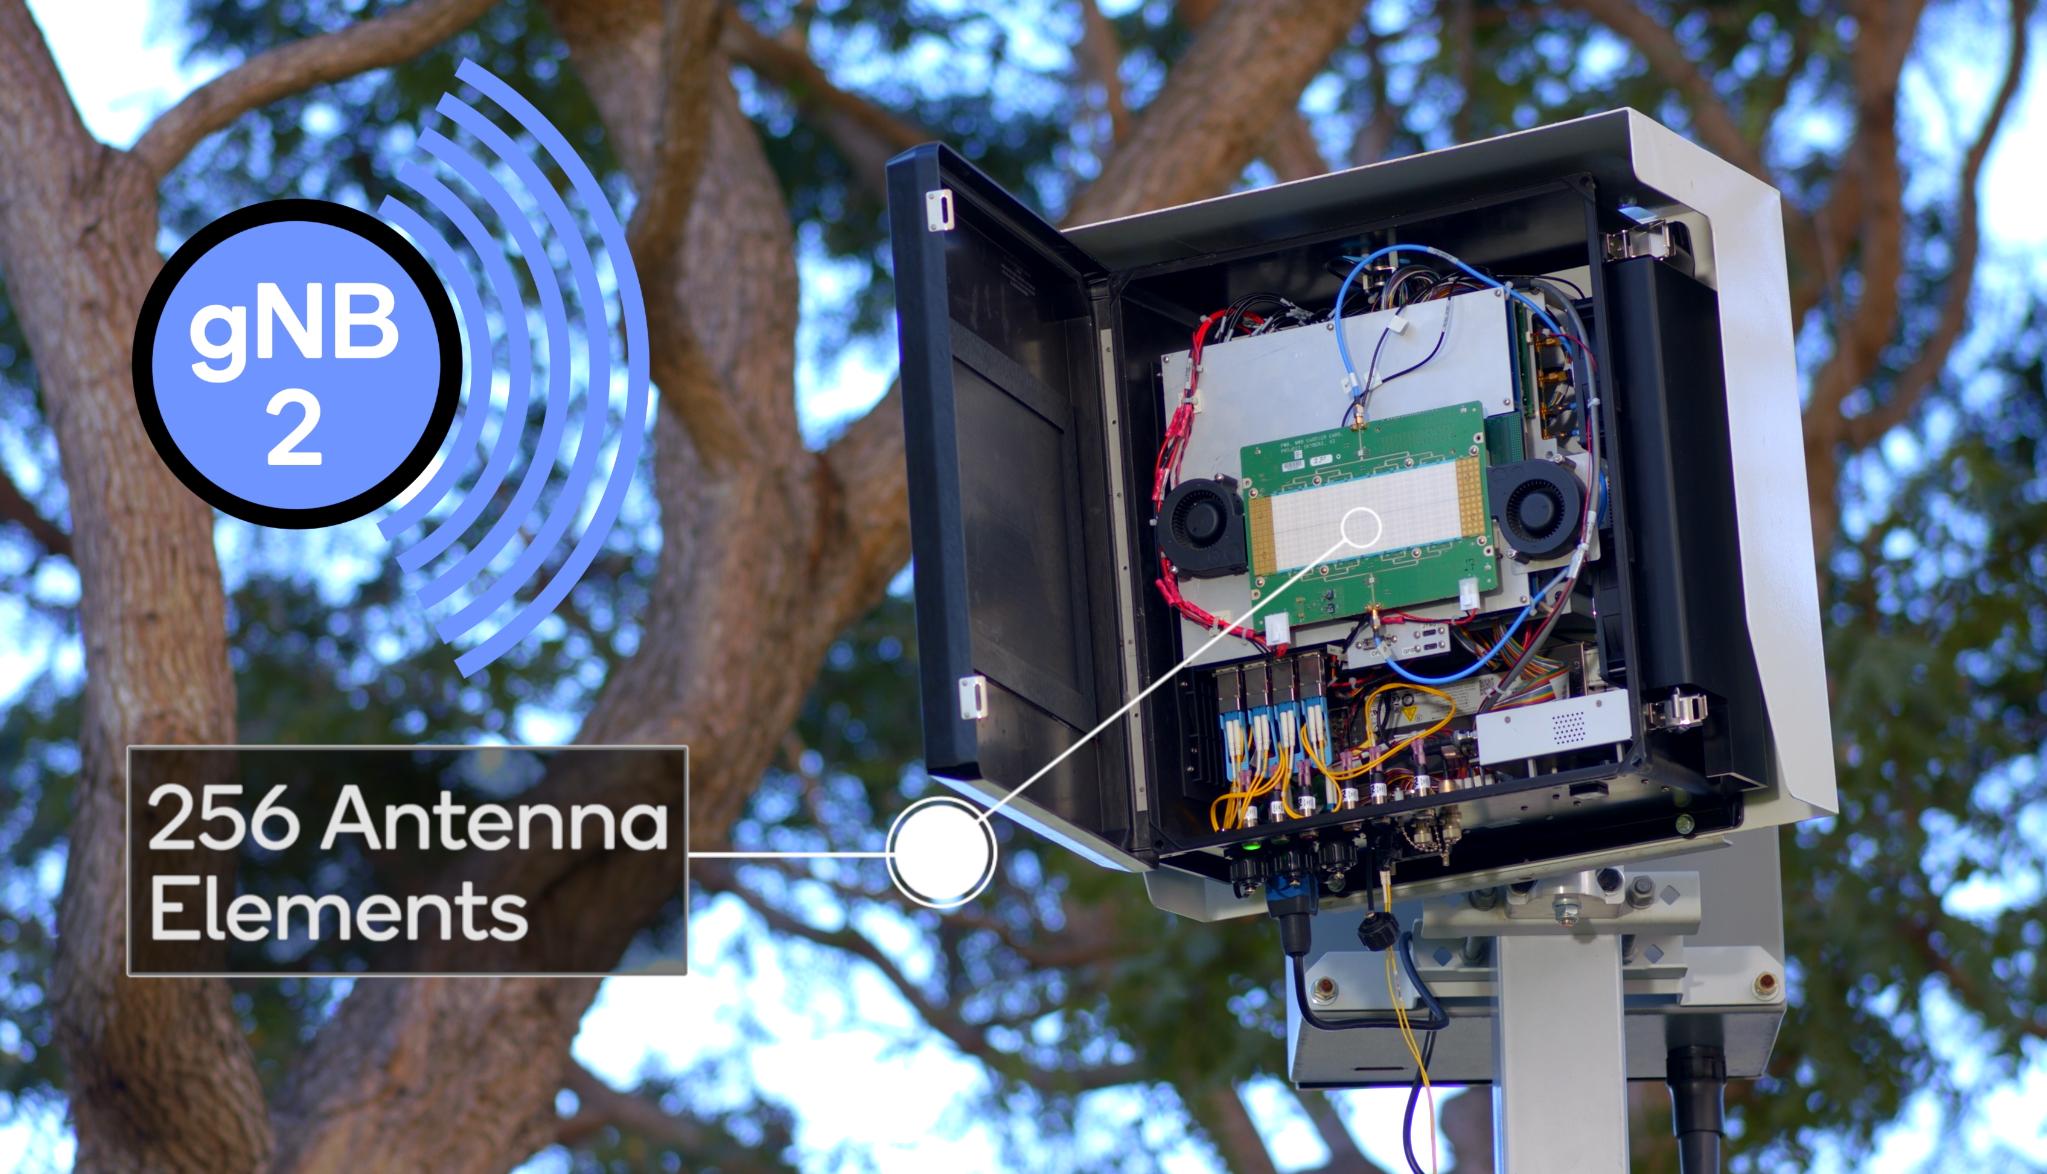 Разбираемся, как 5G будет работать в миллиметровом диапазоне на улице и в помещениях - 3